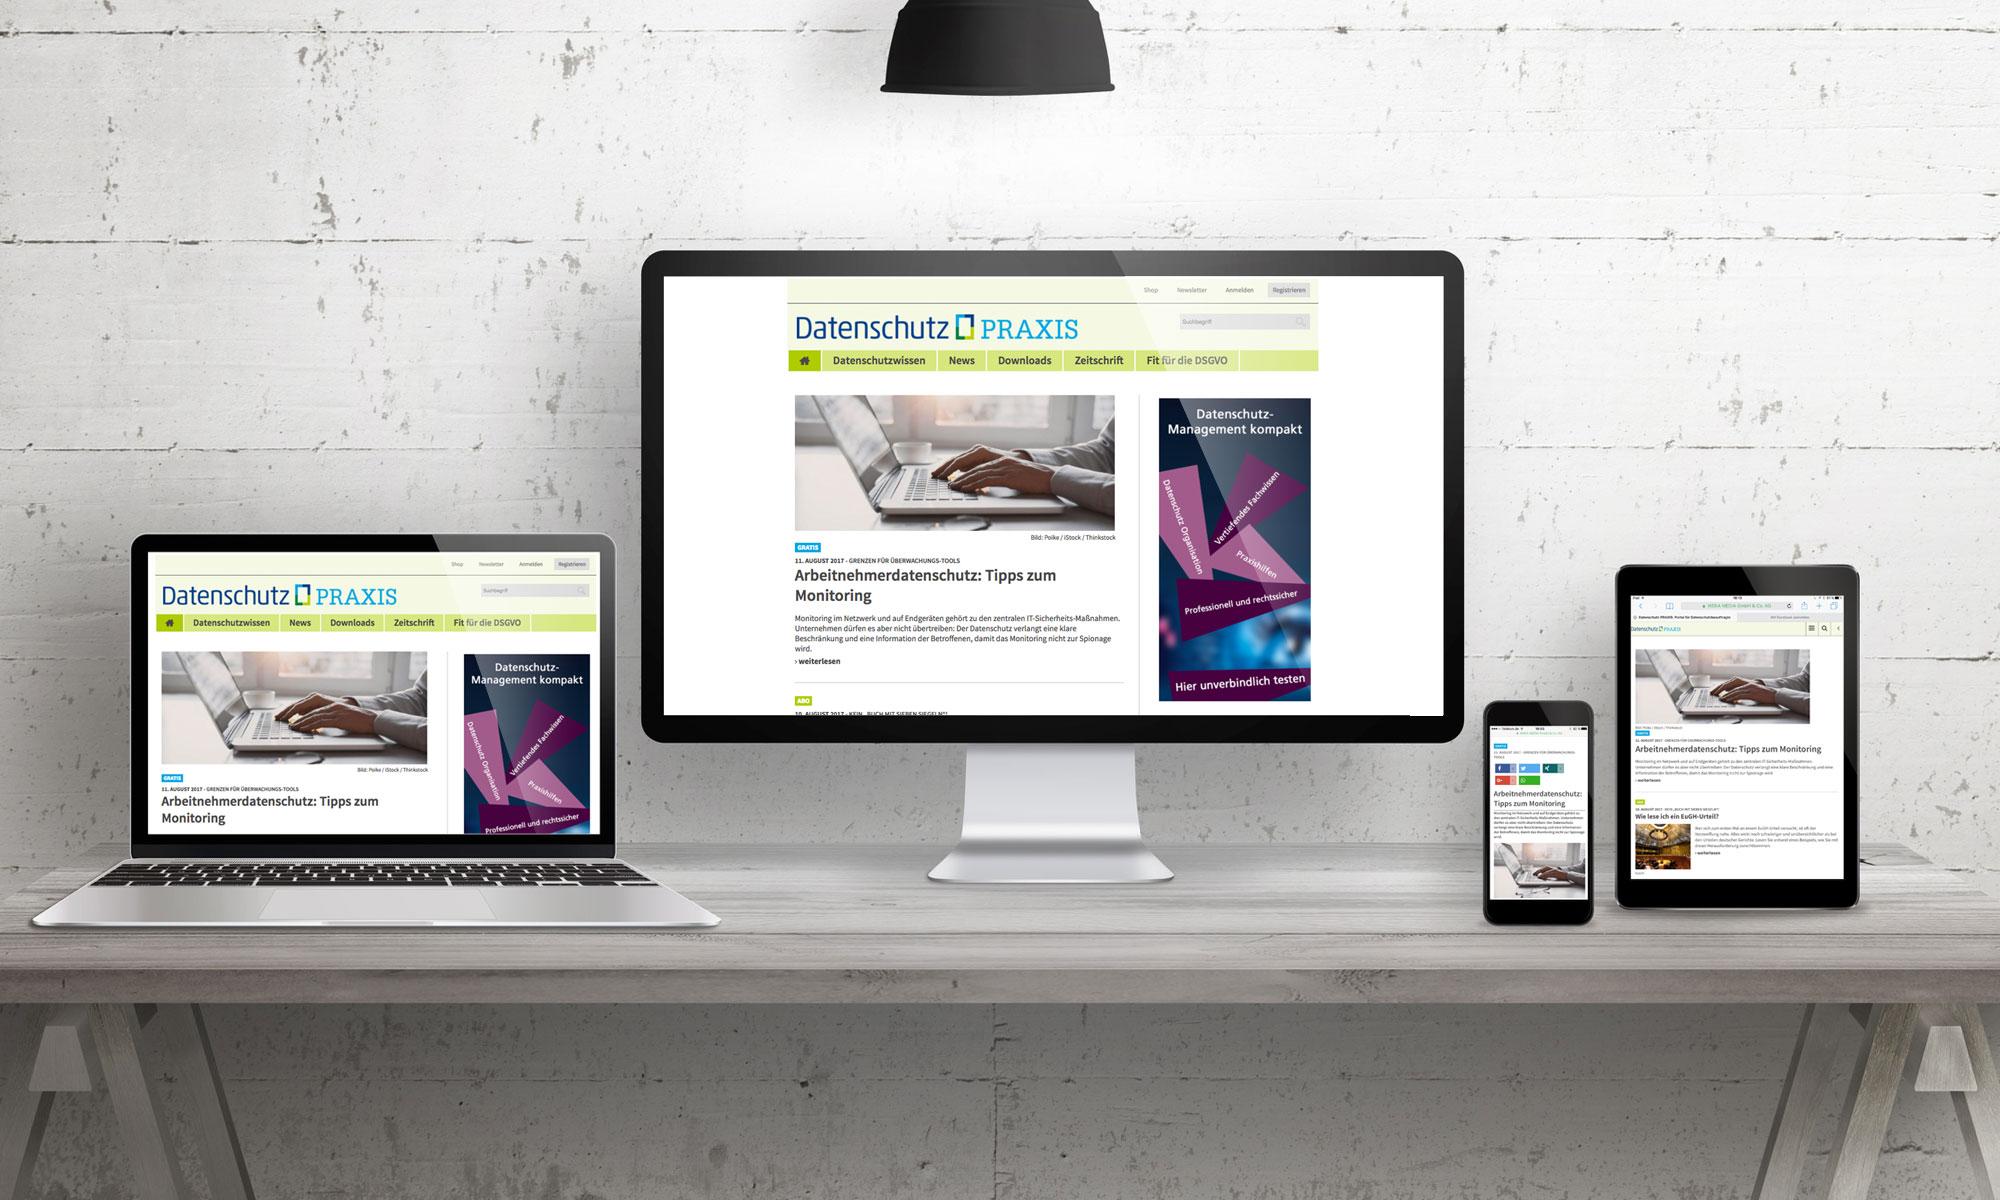 punktneun-Datenschutzpraxis-Magazin-Webseite